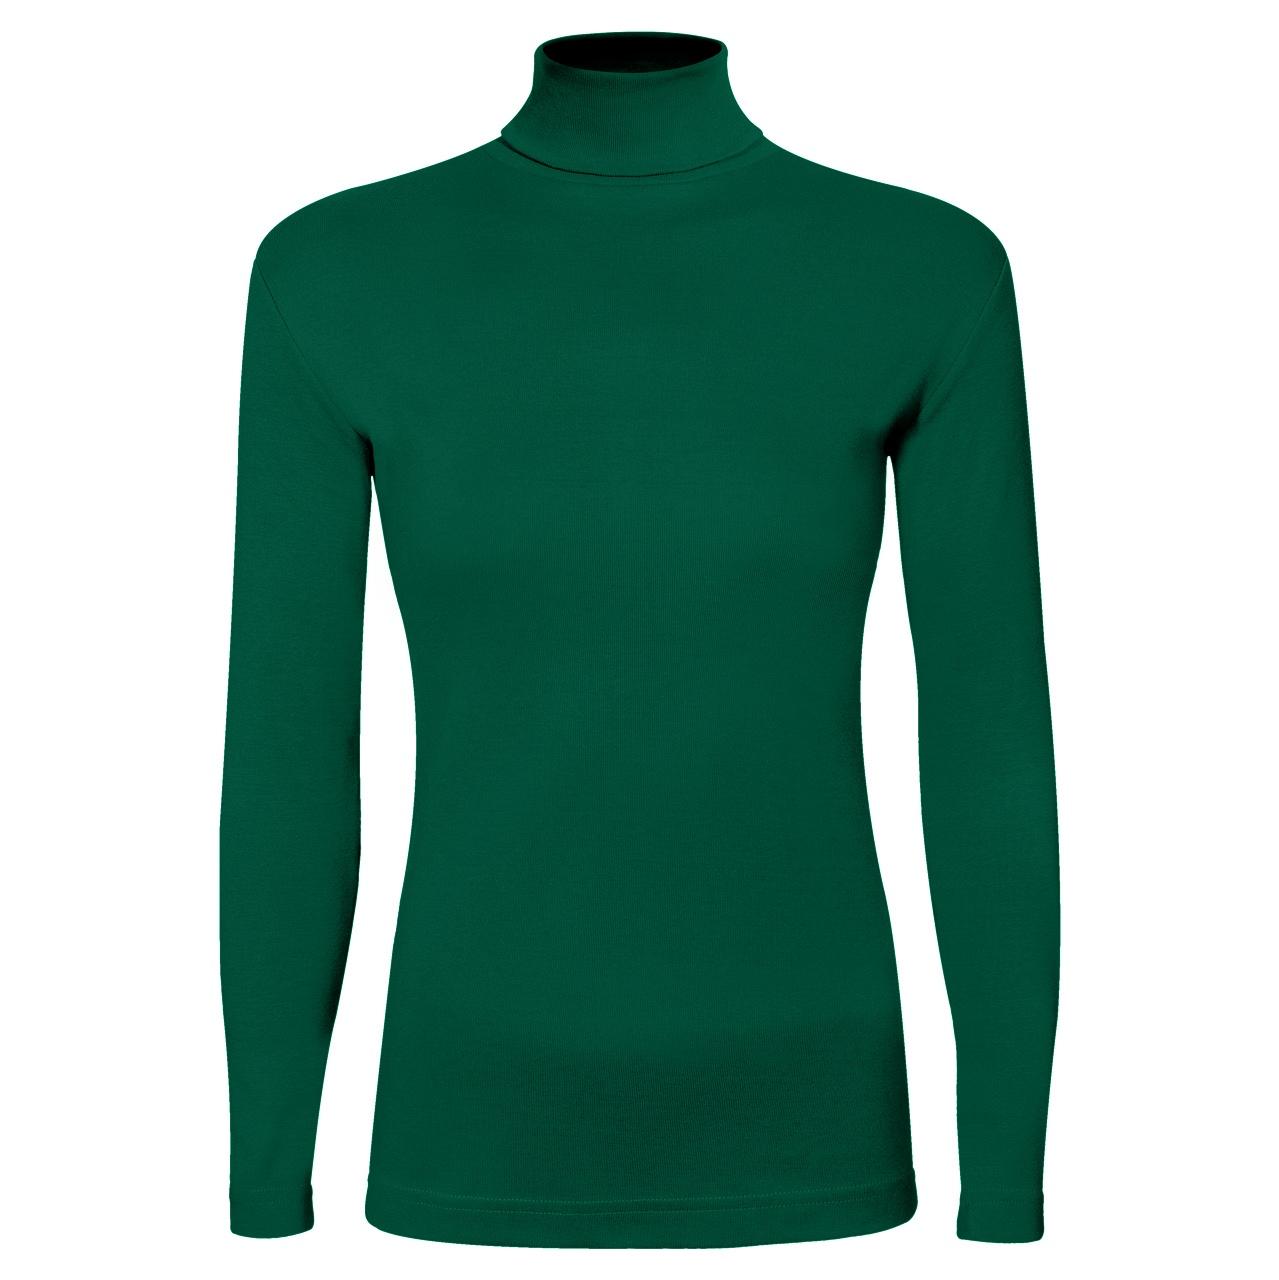 تی شرت آستین بلند زنانه ساروک مدل BZYeski010 رنگ یشمی